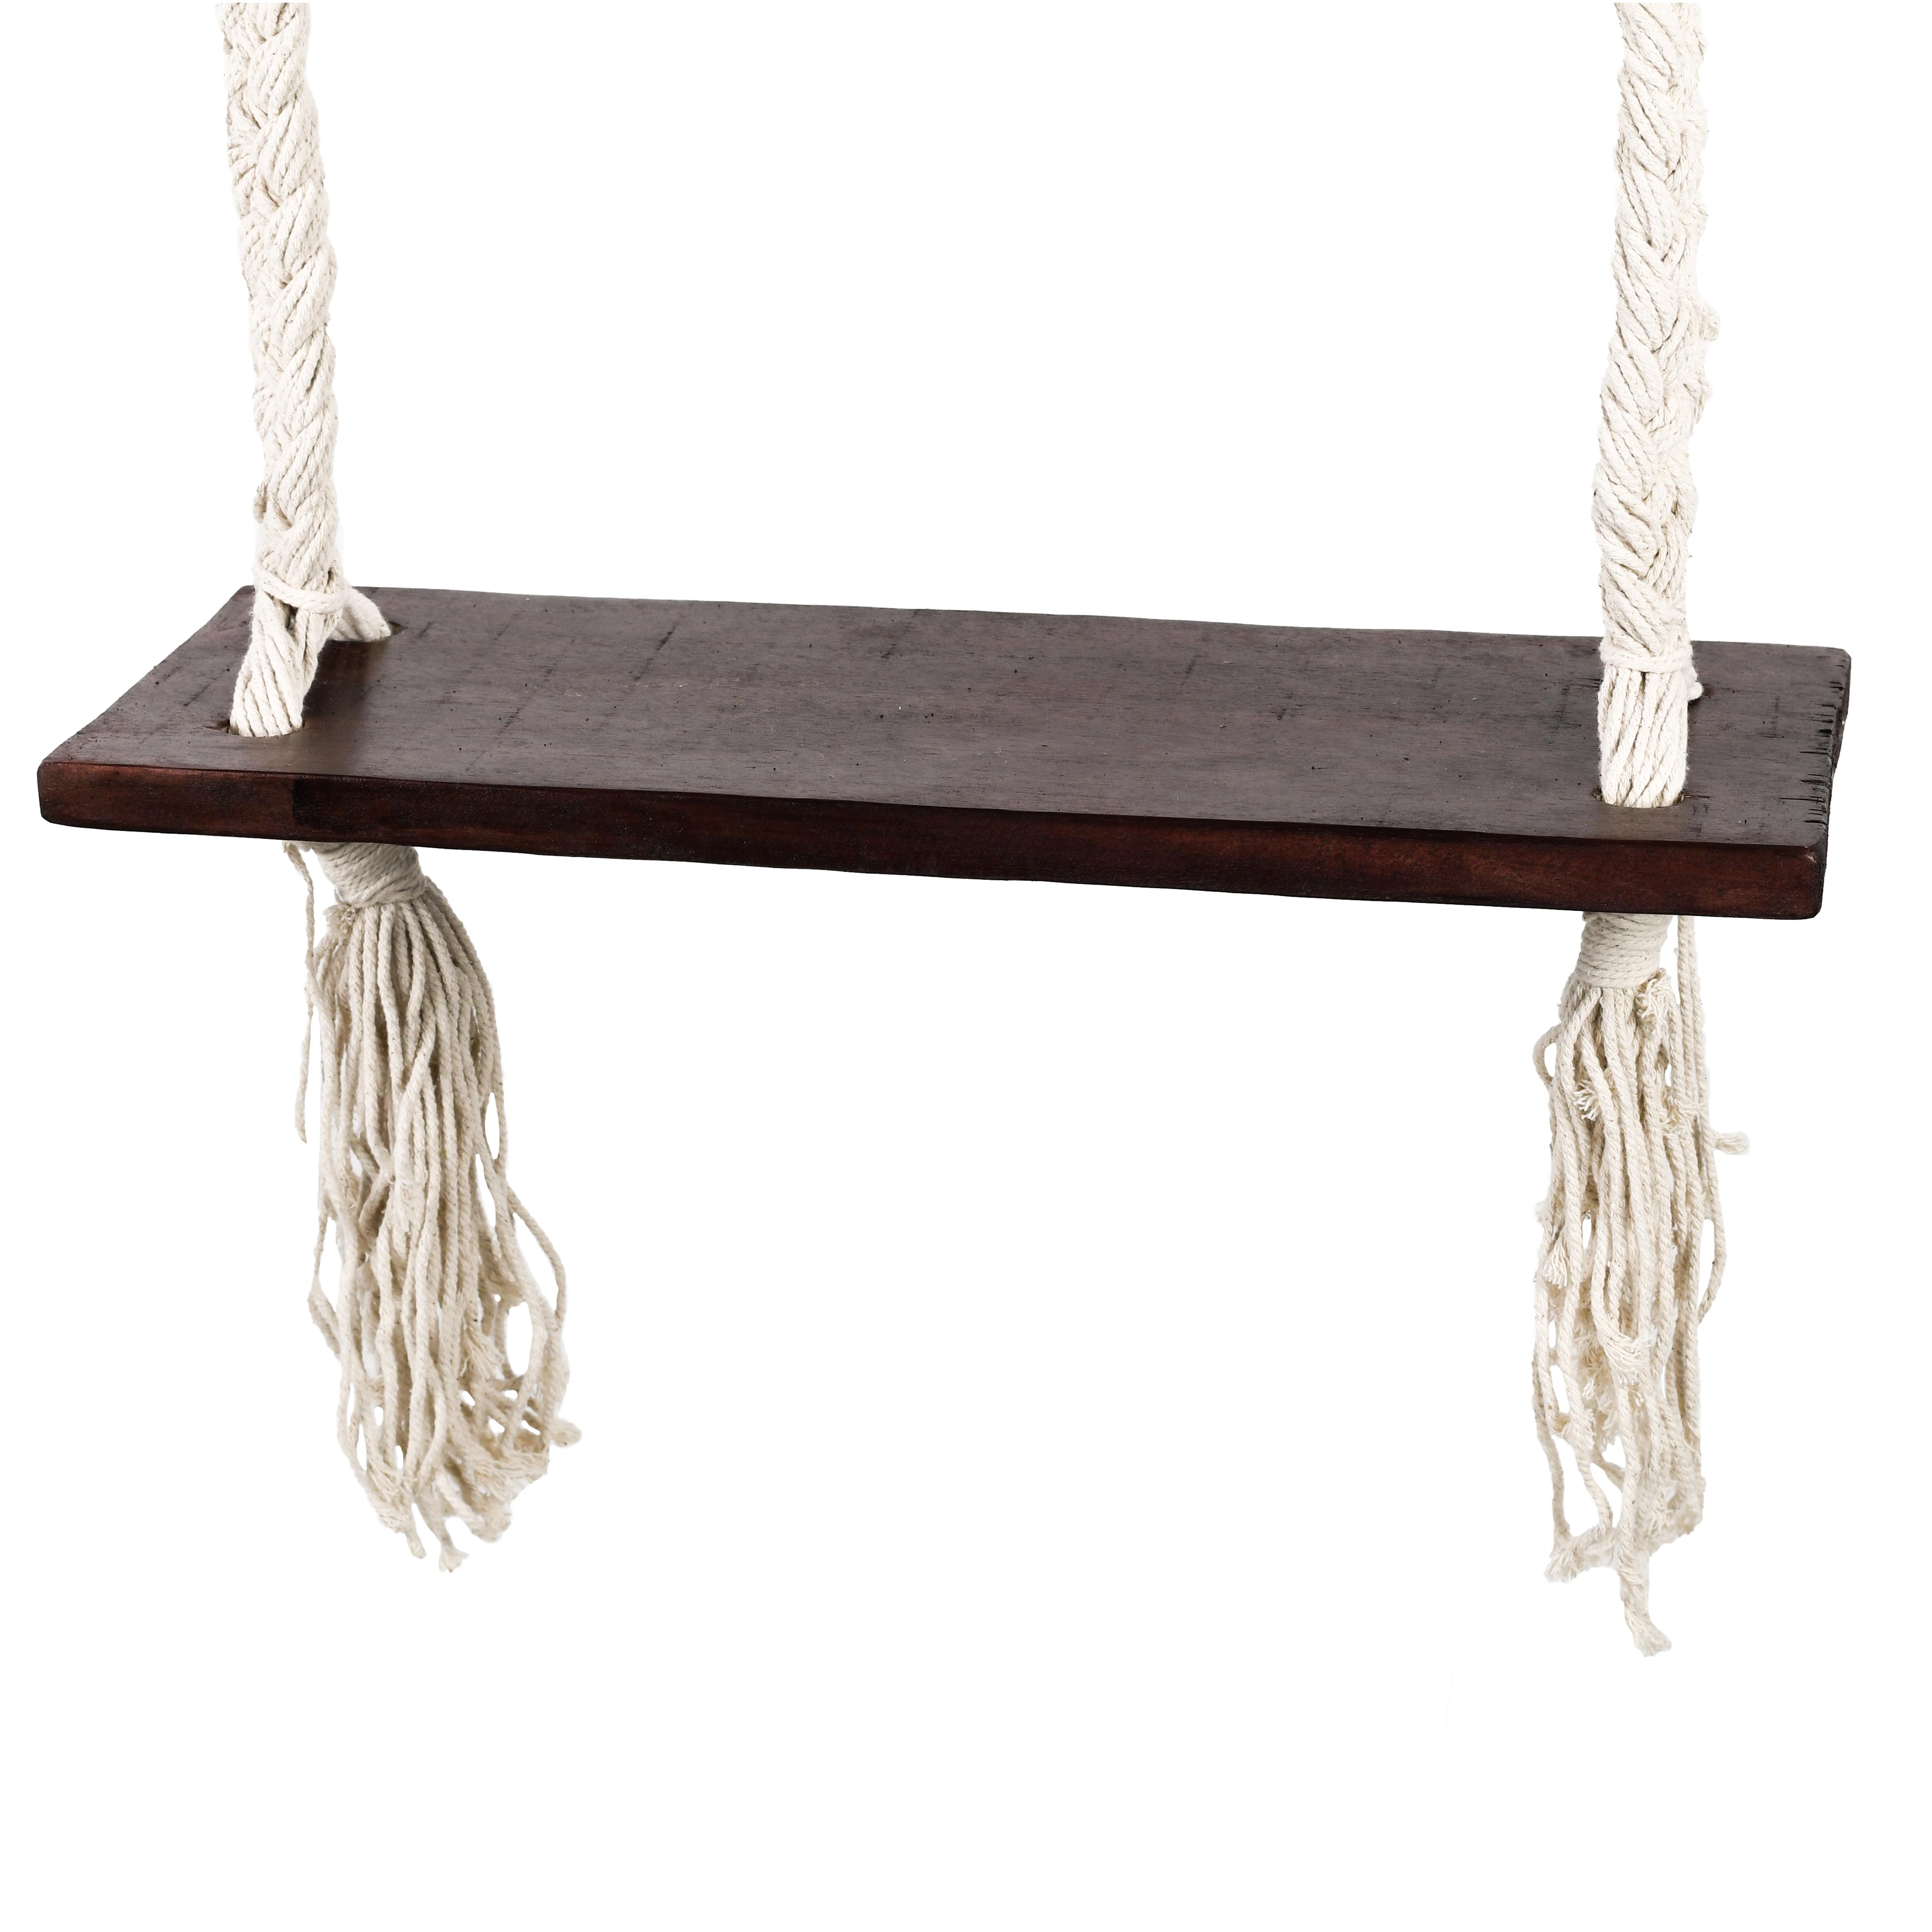 """Farbe der Seile: """"Bingin"""" Schaukel mit dunklen Seilen"""